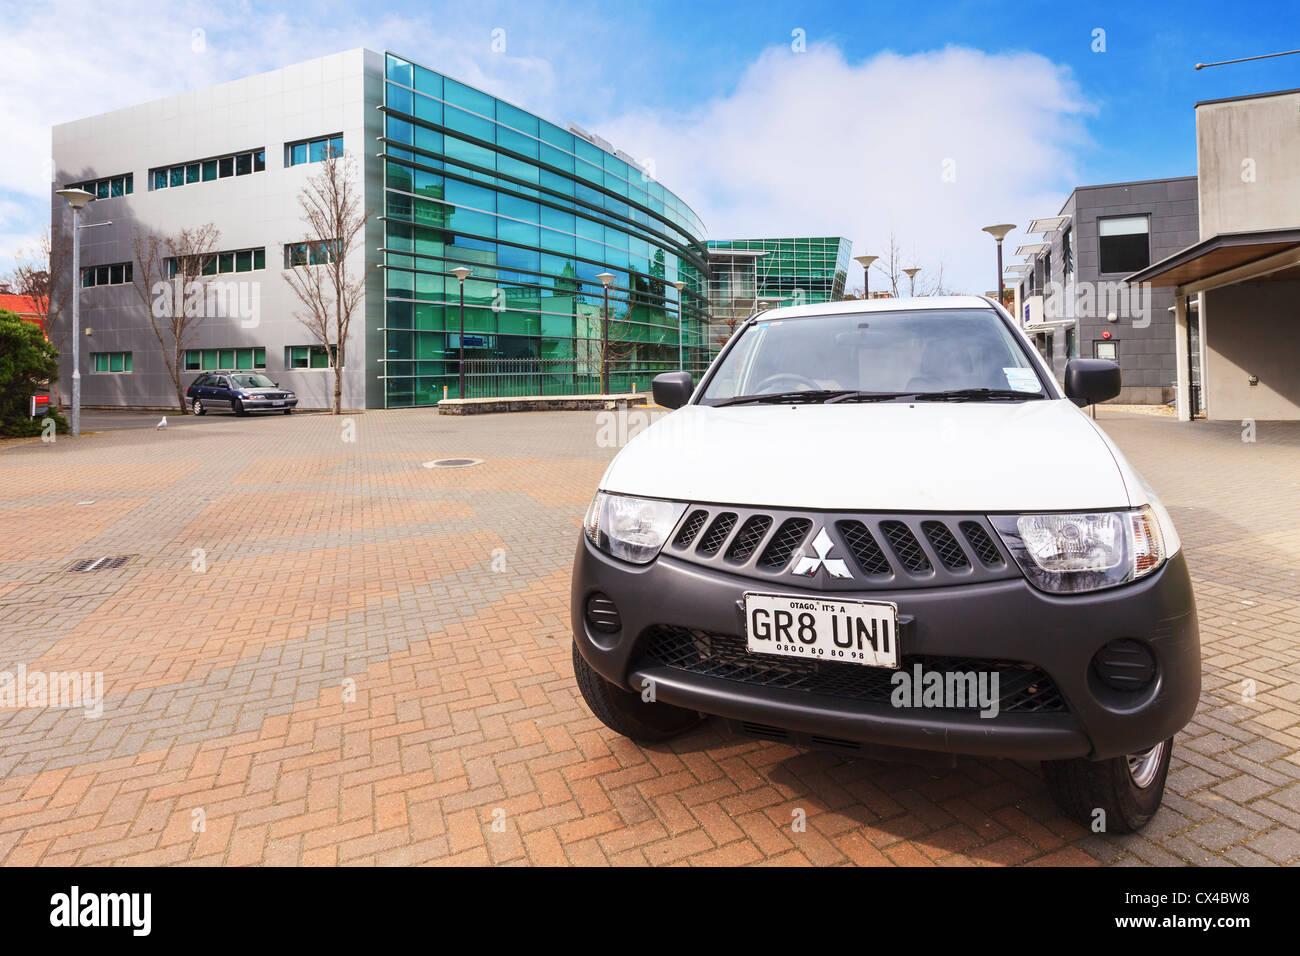 Mitsubishi Triton der Otago University Sicherheit mit dem Nummernschild GR8 UNI Campus Uhr, Stockbild